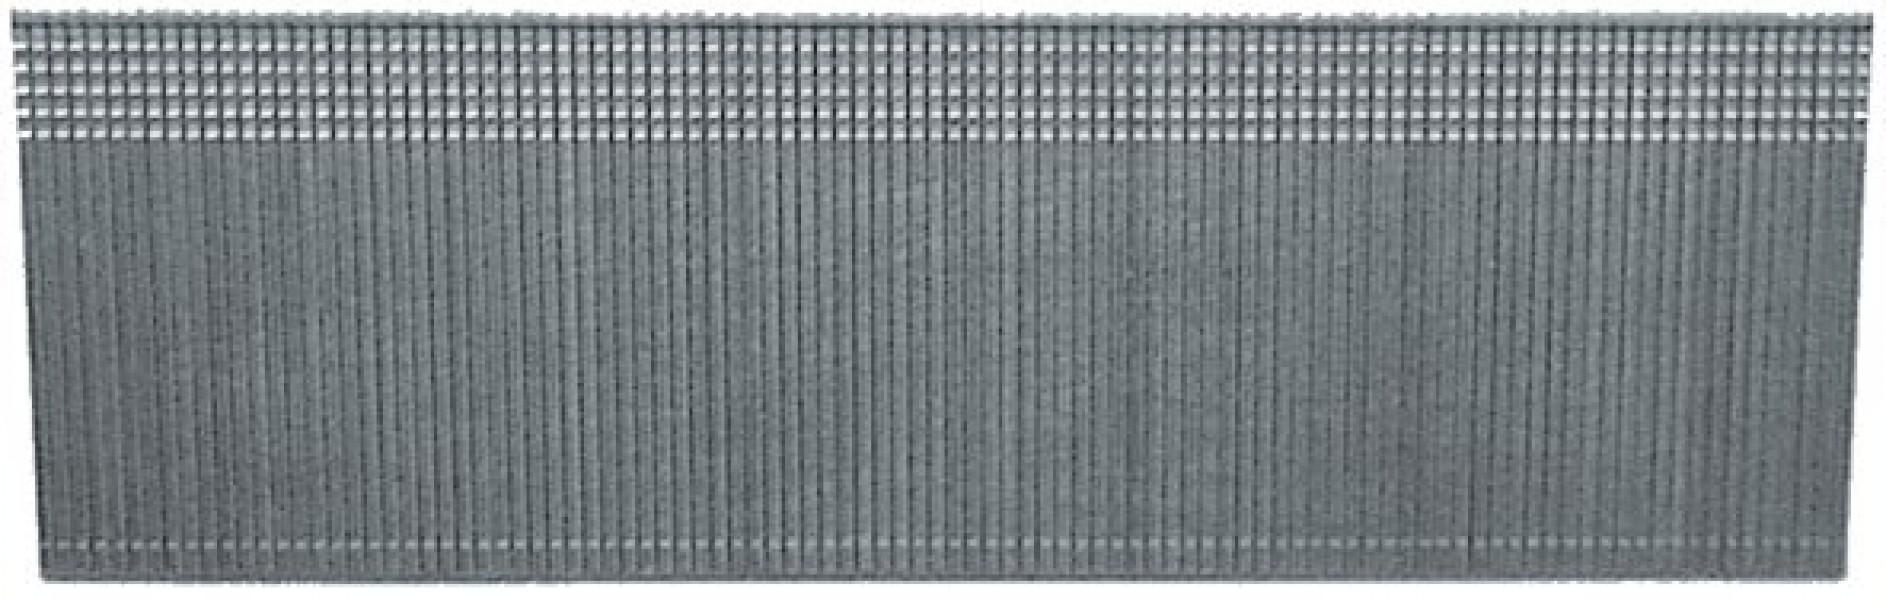 Photo 4 Le kit comprend un cloueur pneumatique J-55 P1 et 42.000 pointes J de 15 à 50 mm. Le cloueur J-55 P1 est idéal pour les petit travaux de menuiserie, la fixation de lambris, plinthes ou moulures. Il peut également s'utiliser avec des pointes sans tête. Il dispose d'une sécurité sur le nez, et d'un système anti coup à vide. - ALSAFIX